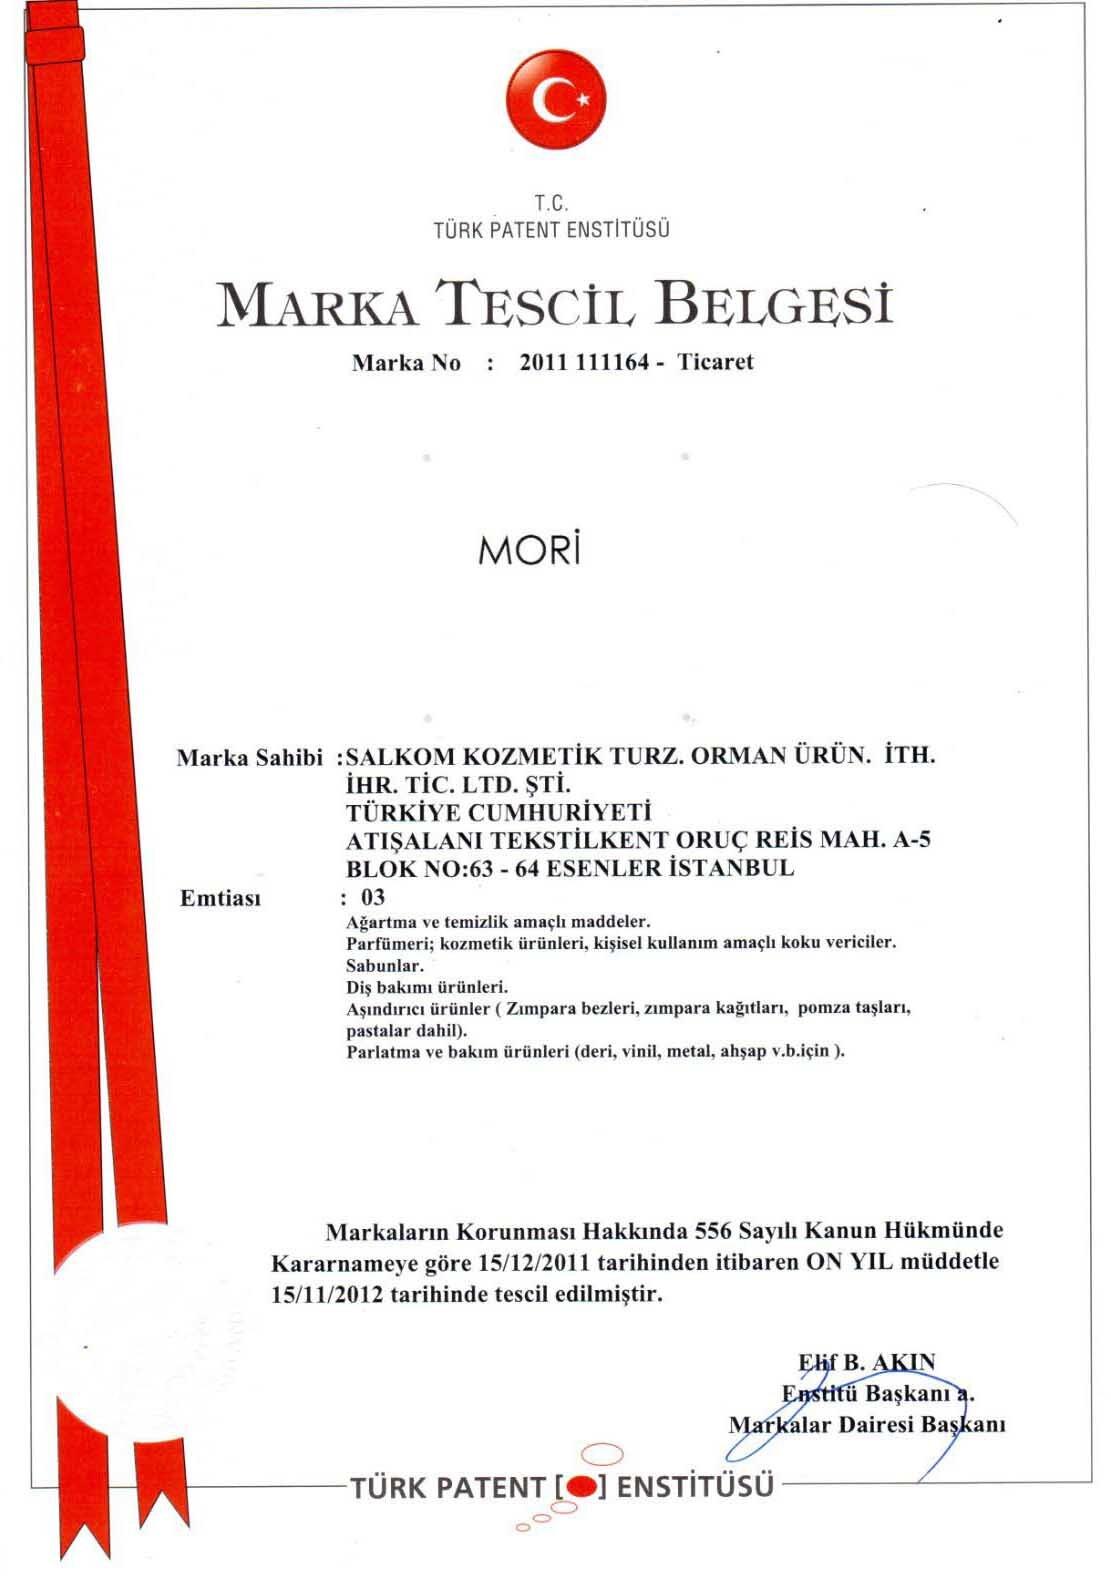 Mori Marka Tescili